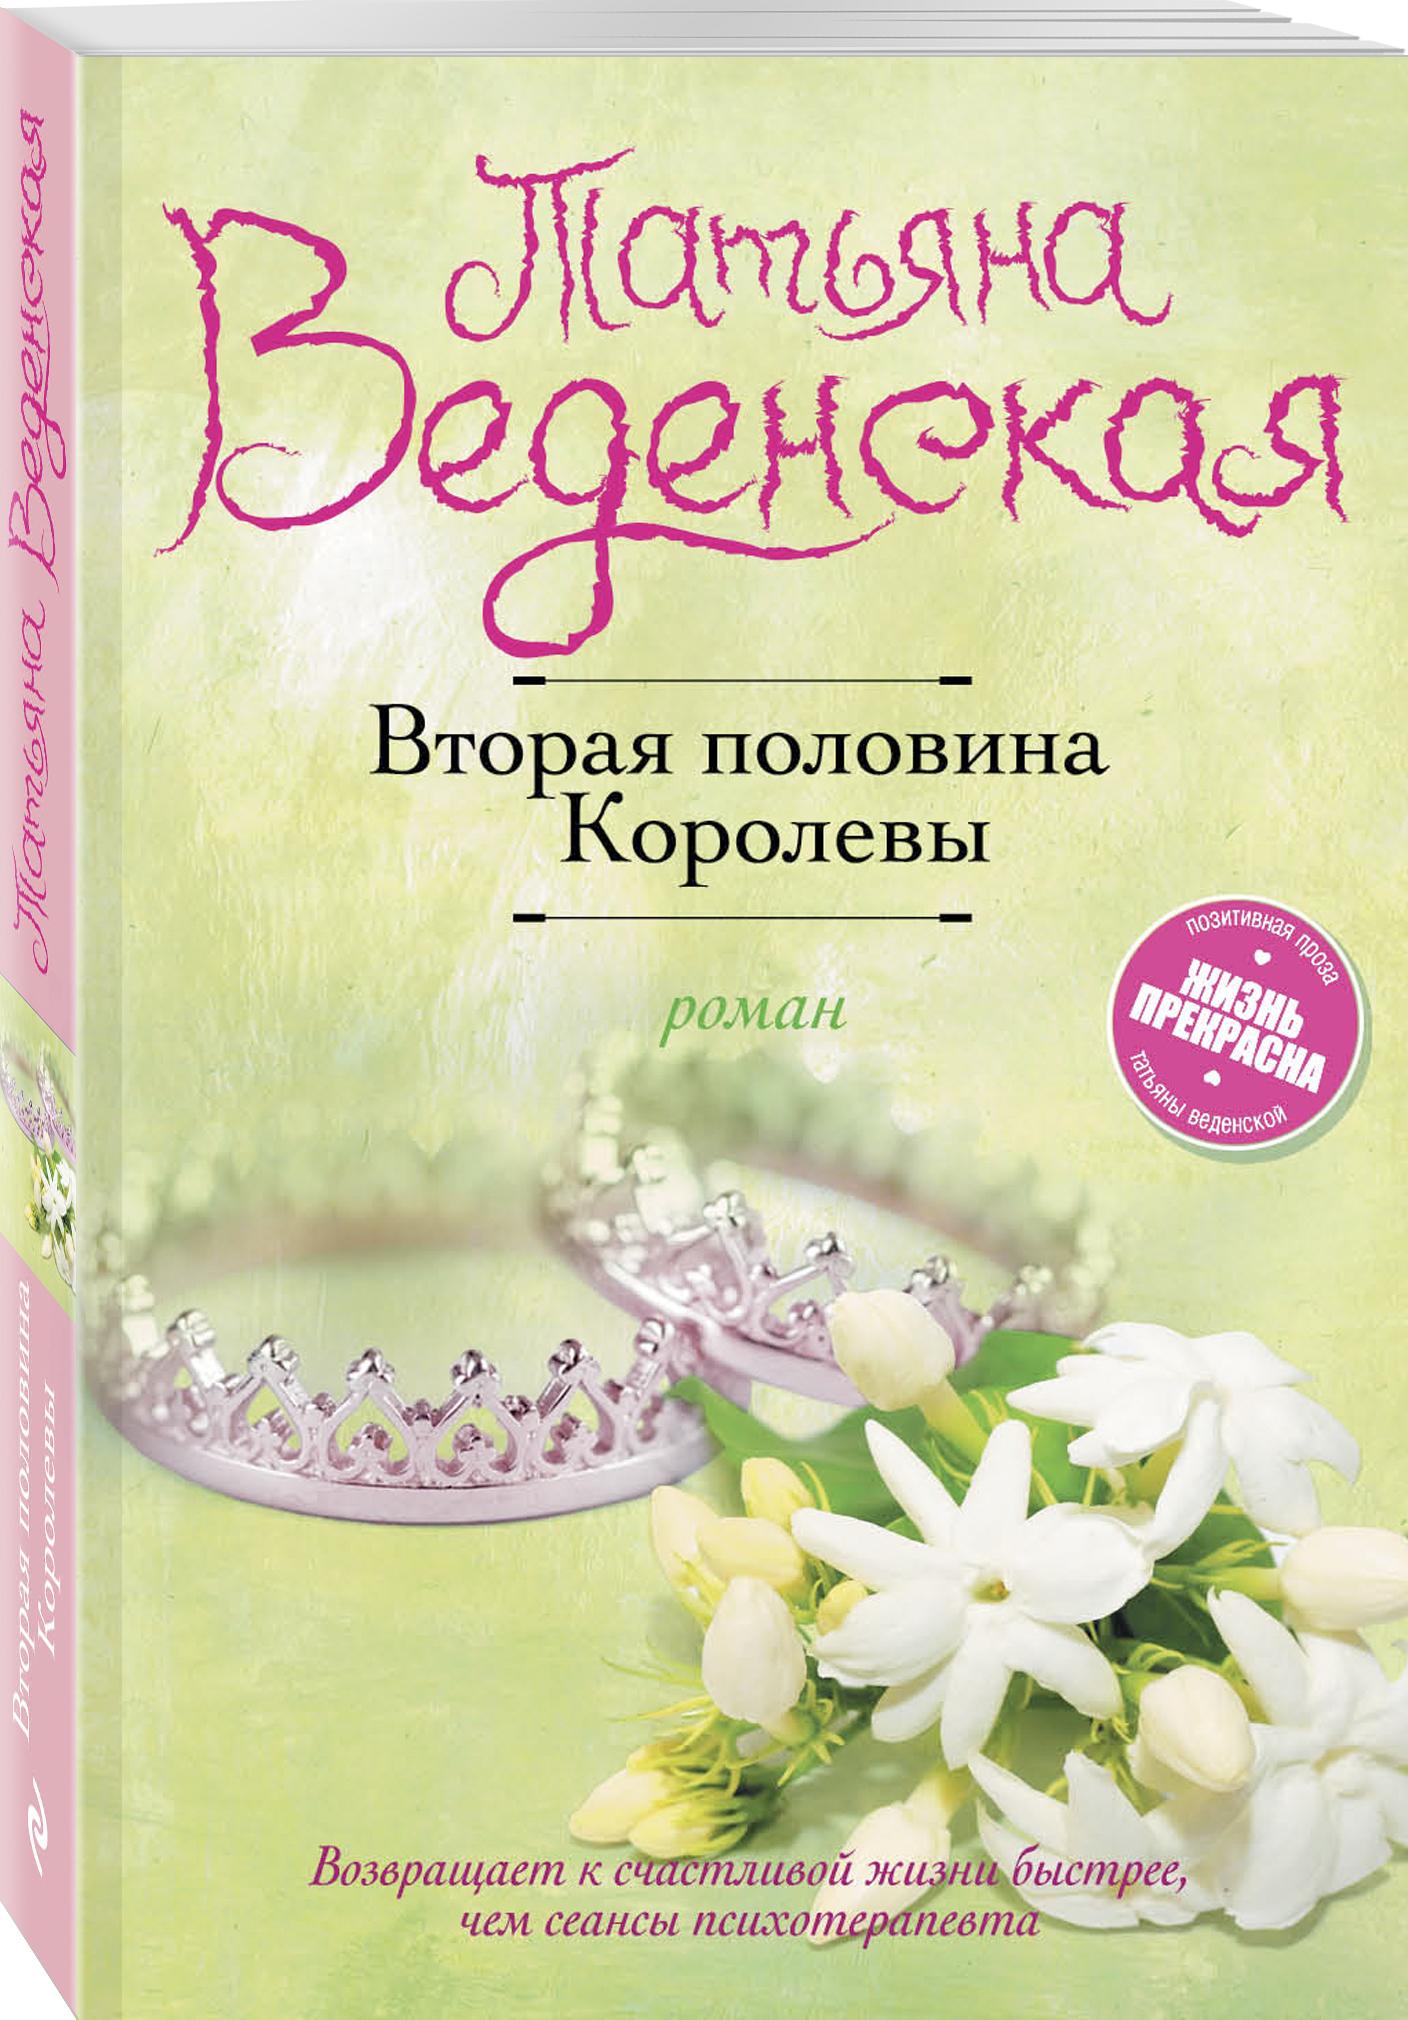 Татьяна Веденская Вторая половина Королевы цена